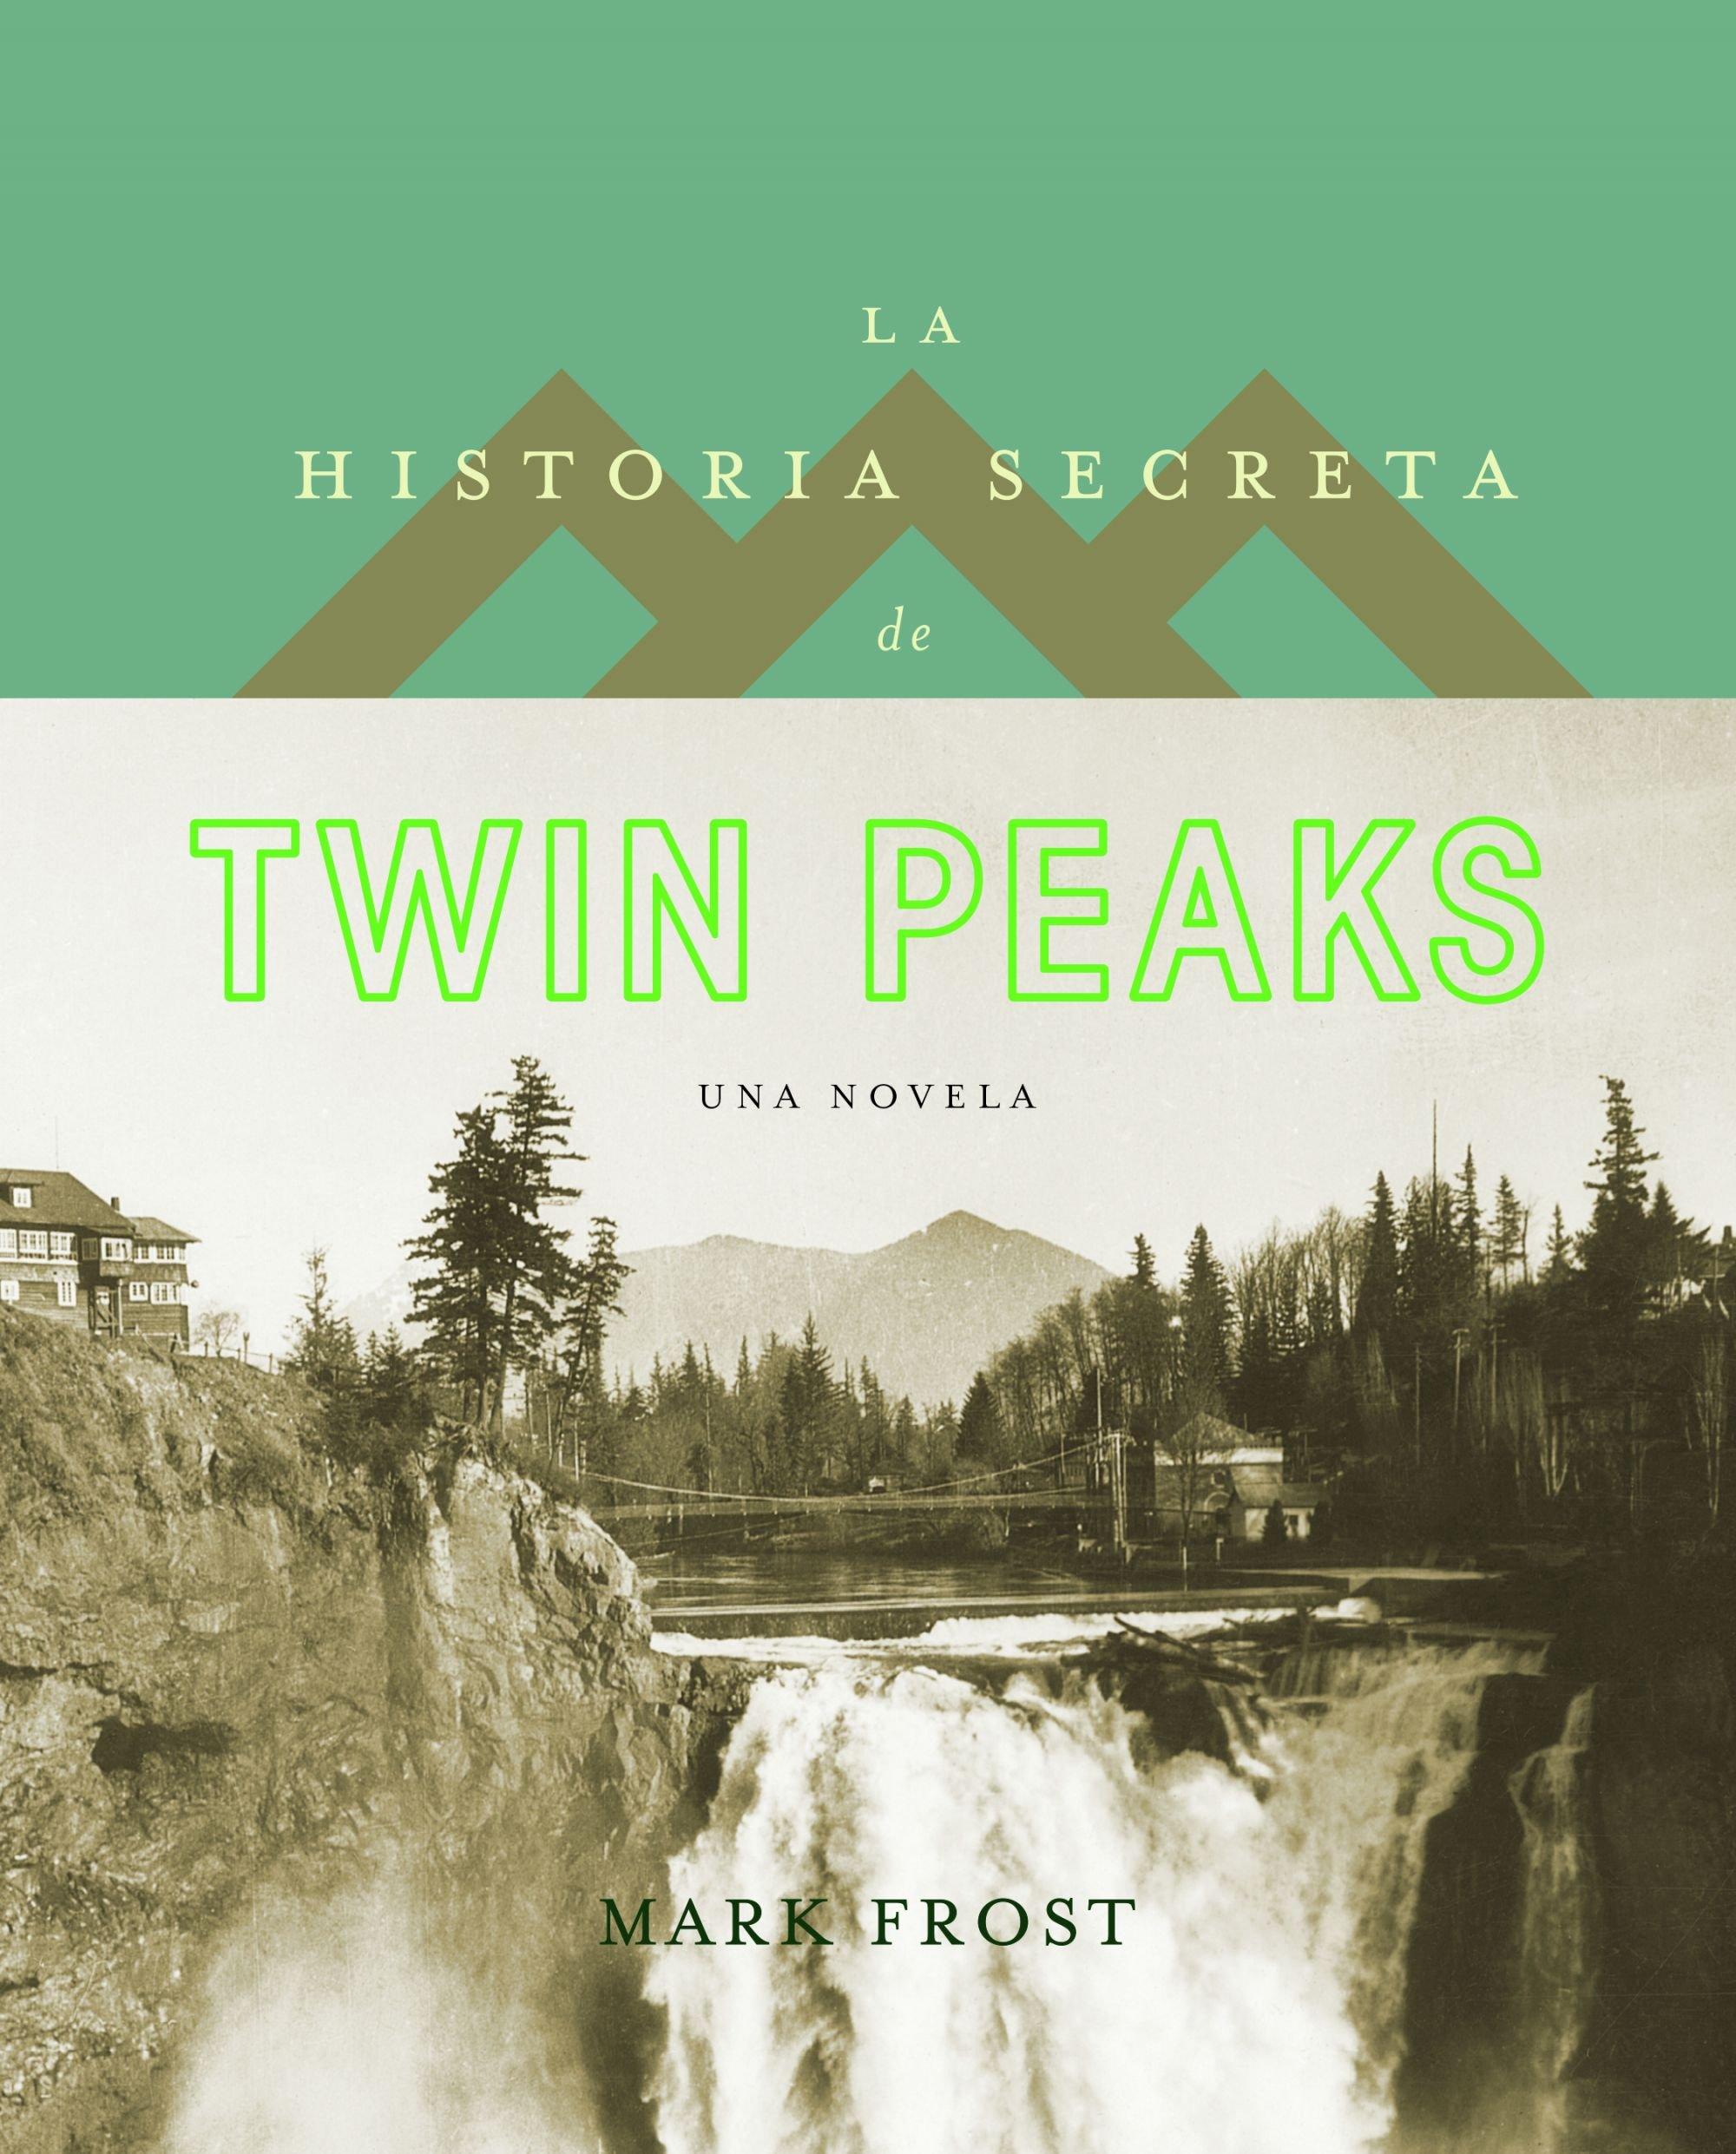 La historia secreta de Twin Peaks Planeta Internacional: Amazon.es: Frost, Mark, Díez Pérez, María José: Libros